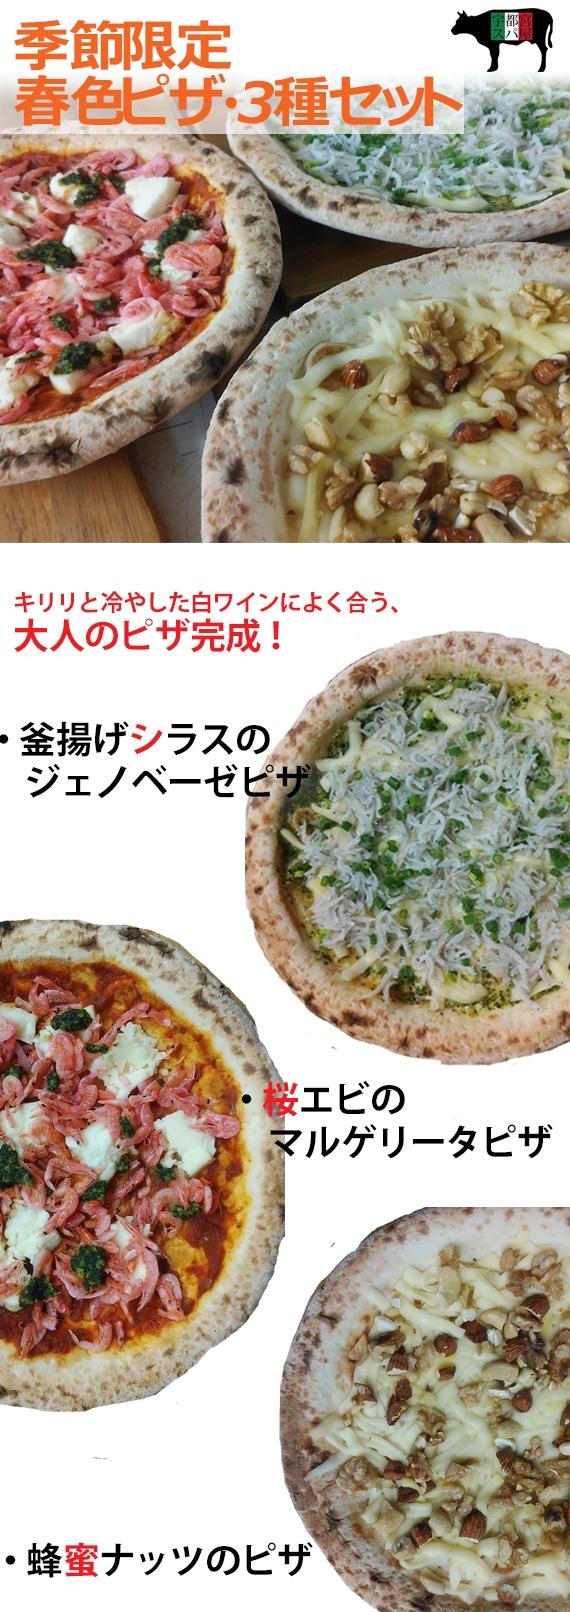 【手伸ばしナポリ生地】6月の特選ピザセット〜シラス・桜エビ・蜂蜜ナッツ〜